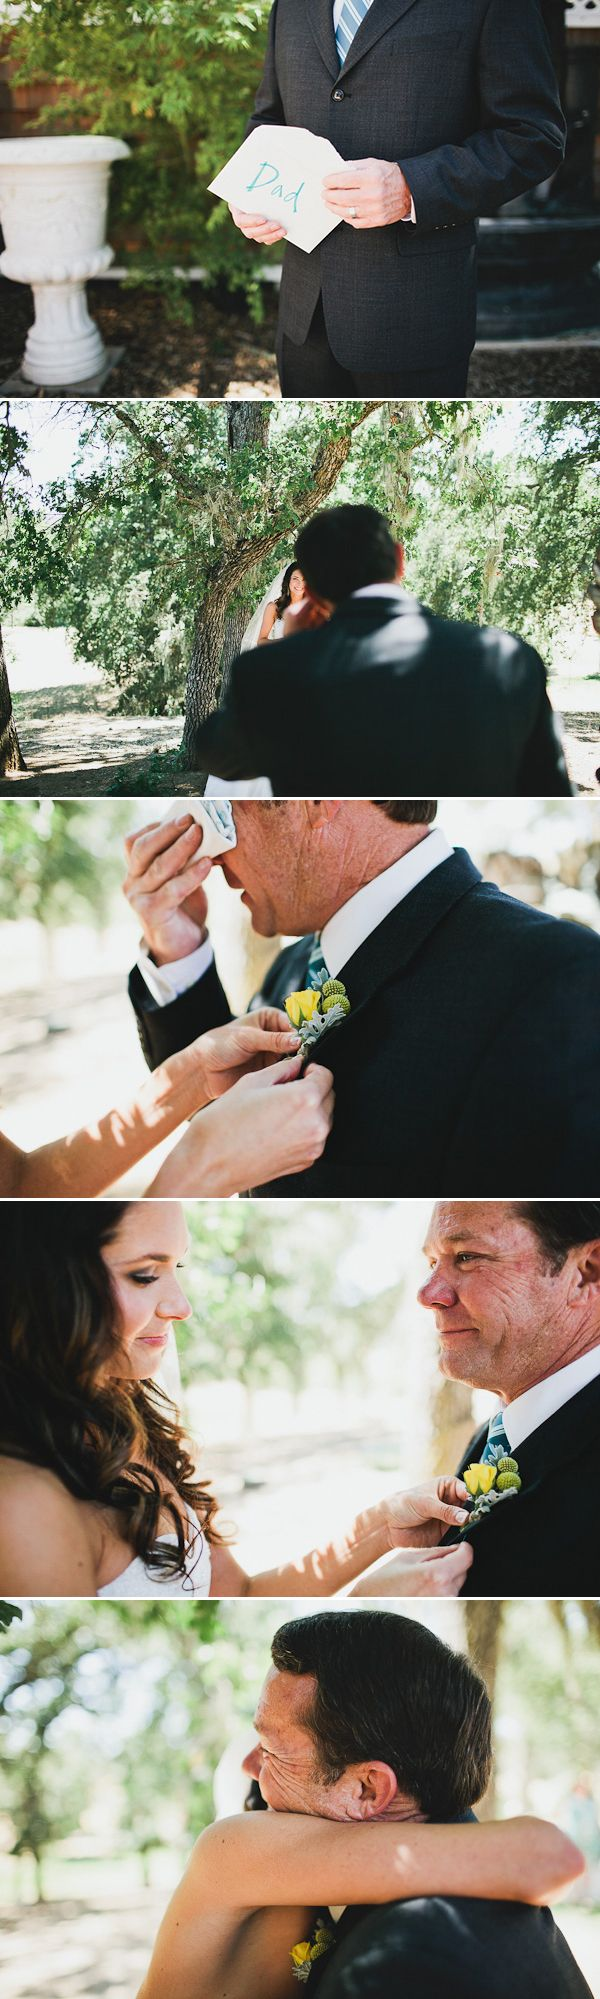 La reacción del papa cuando ve a su hija! Una imagen vale mas que mil palabras